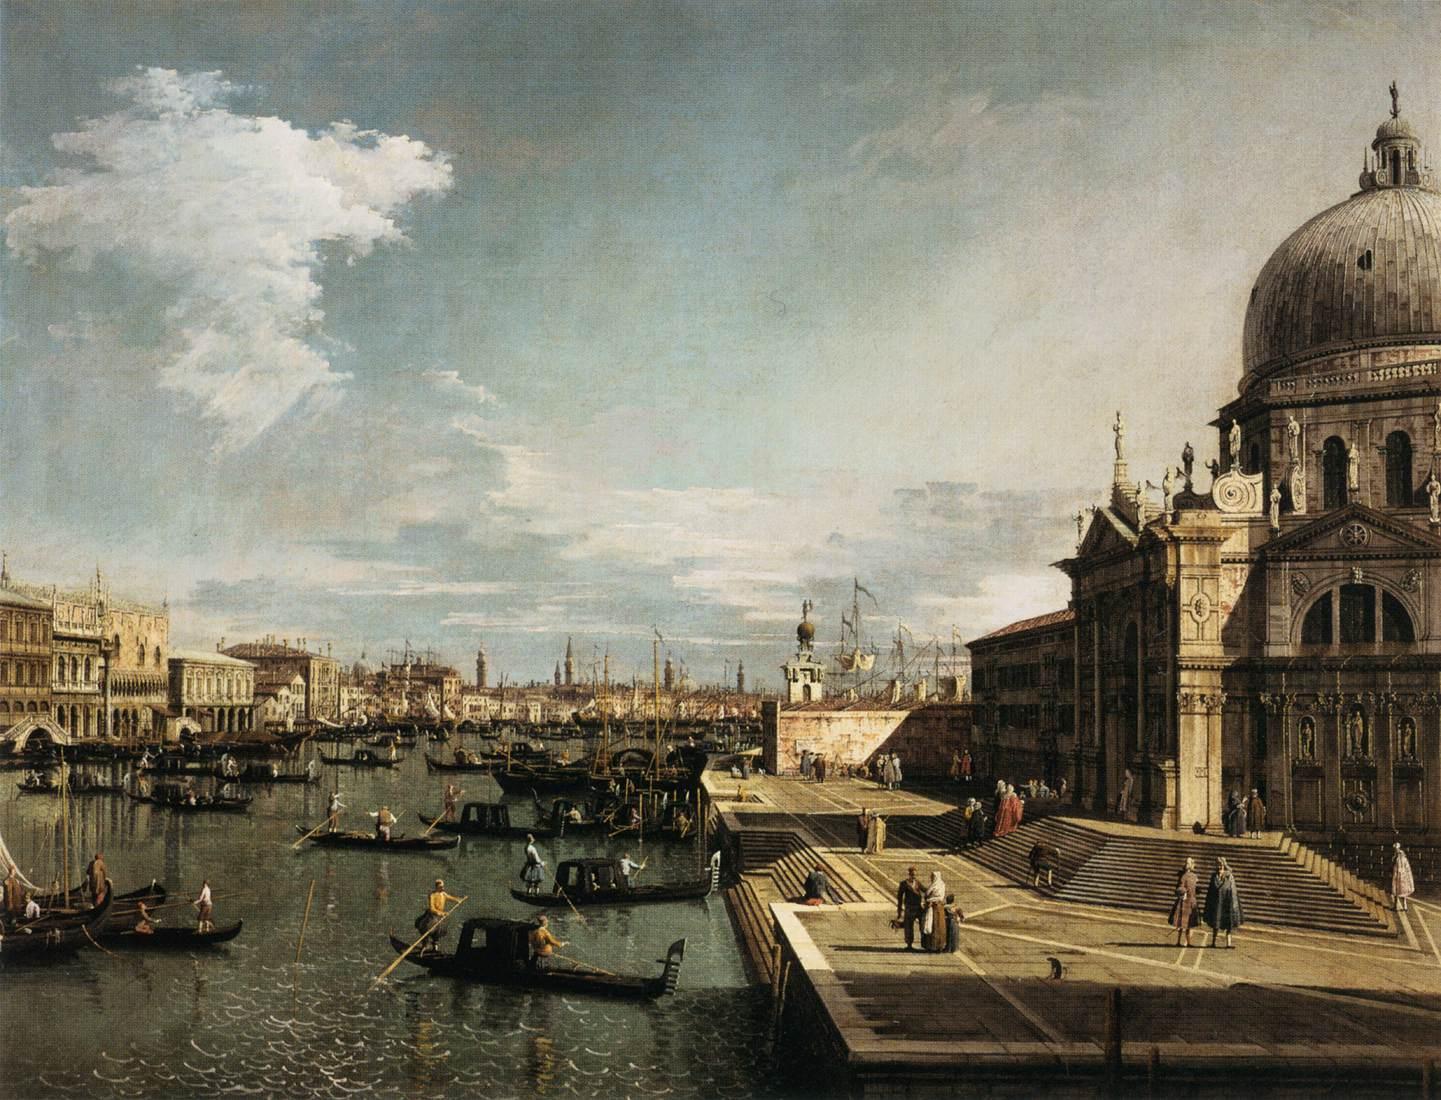 Canaletto, Imbocco al Canal Grande e la chiesa di Santa Maria della Salute, 1730 circa, olio su tela, 119x153 cm, Musée du Louvre, Parigi